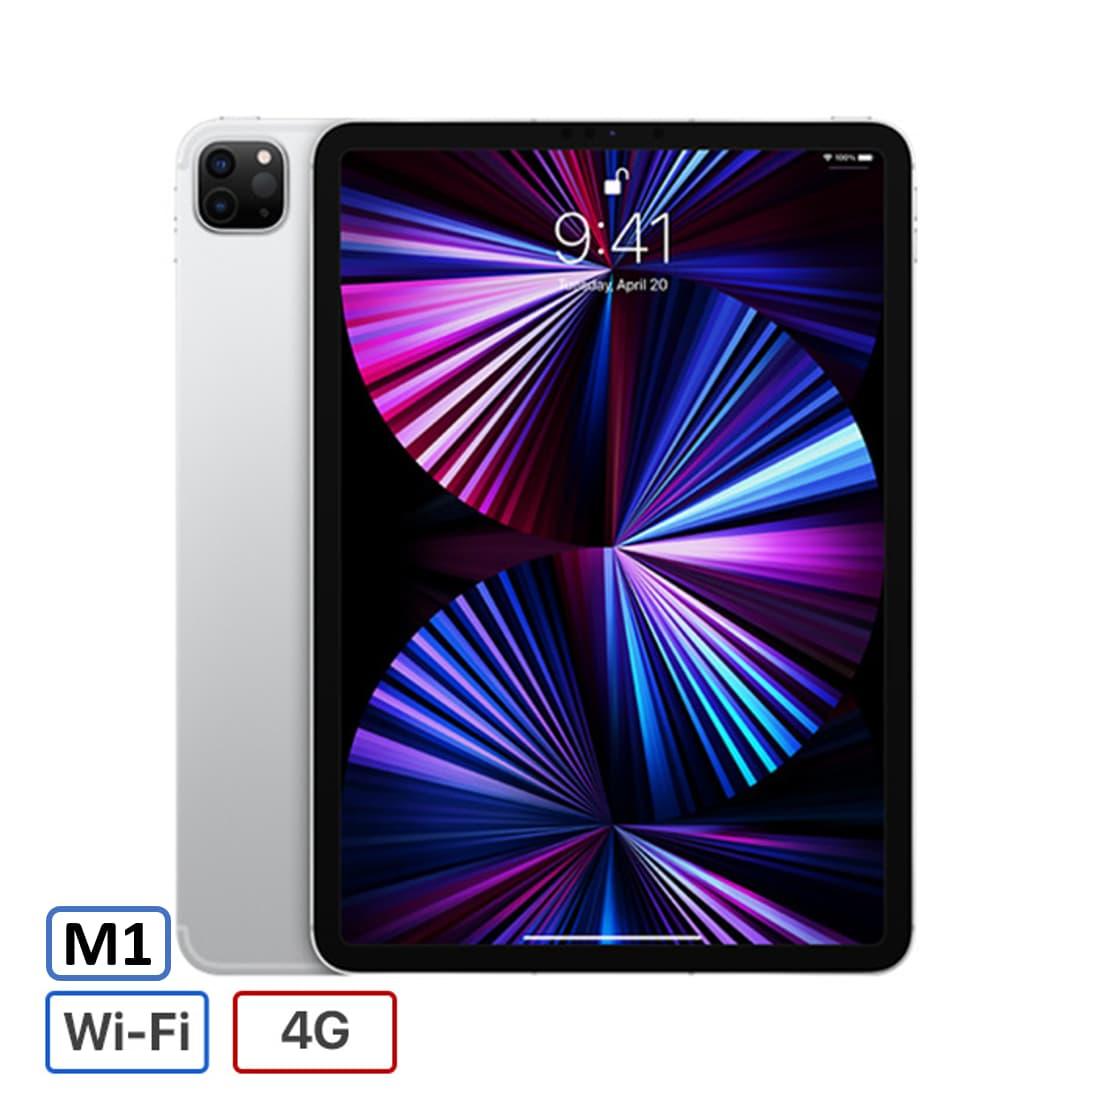 iPad Pro 11 inch Wifi + 5G 256GB Chip M1 (2021) Chính Hãng VN/A Mới 100%